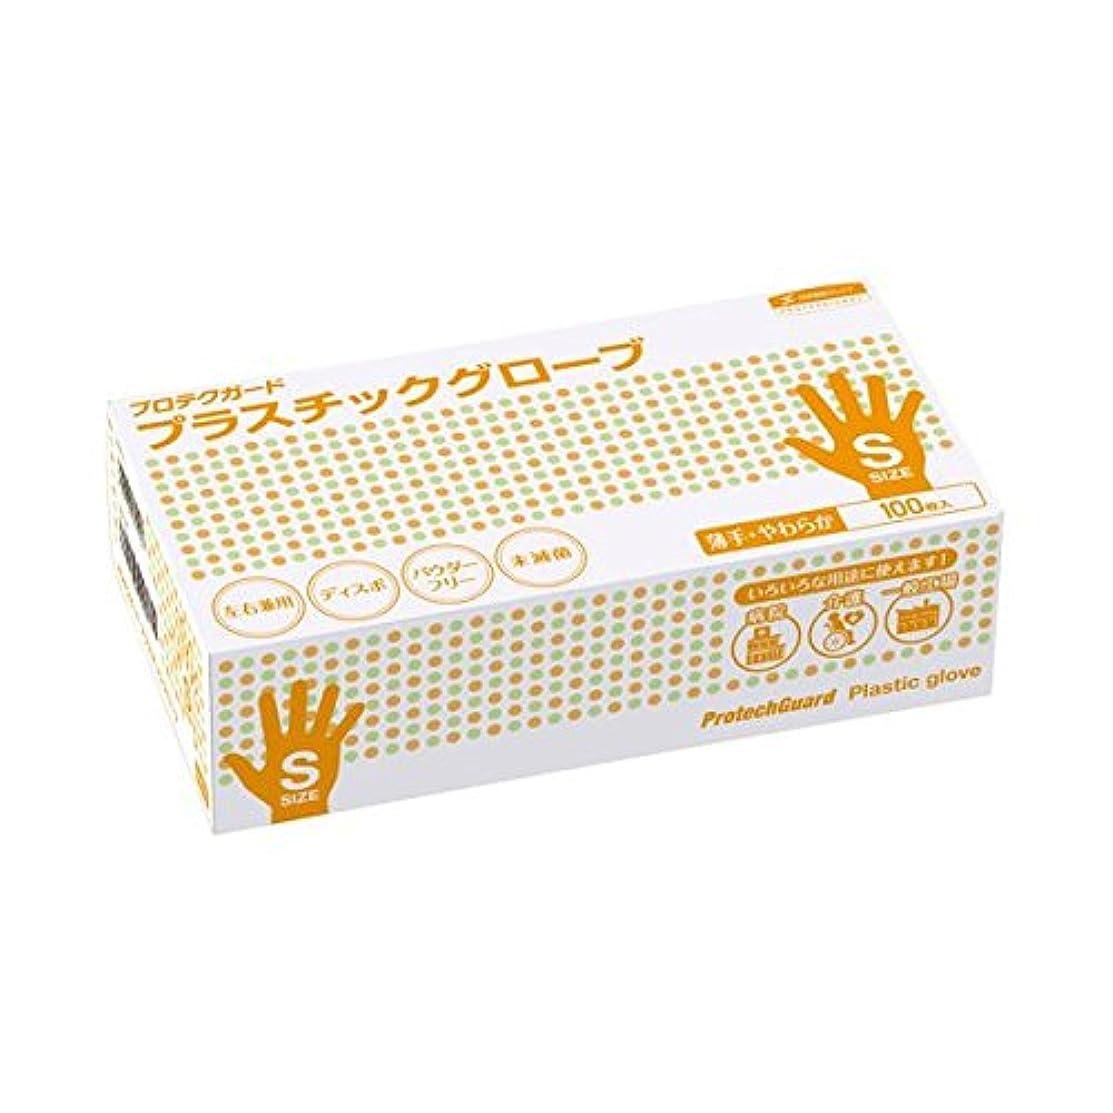 日本製紙クレシア プロテクガード プラスチック Sサイズ ds-1915779